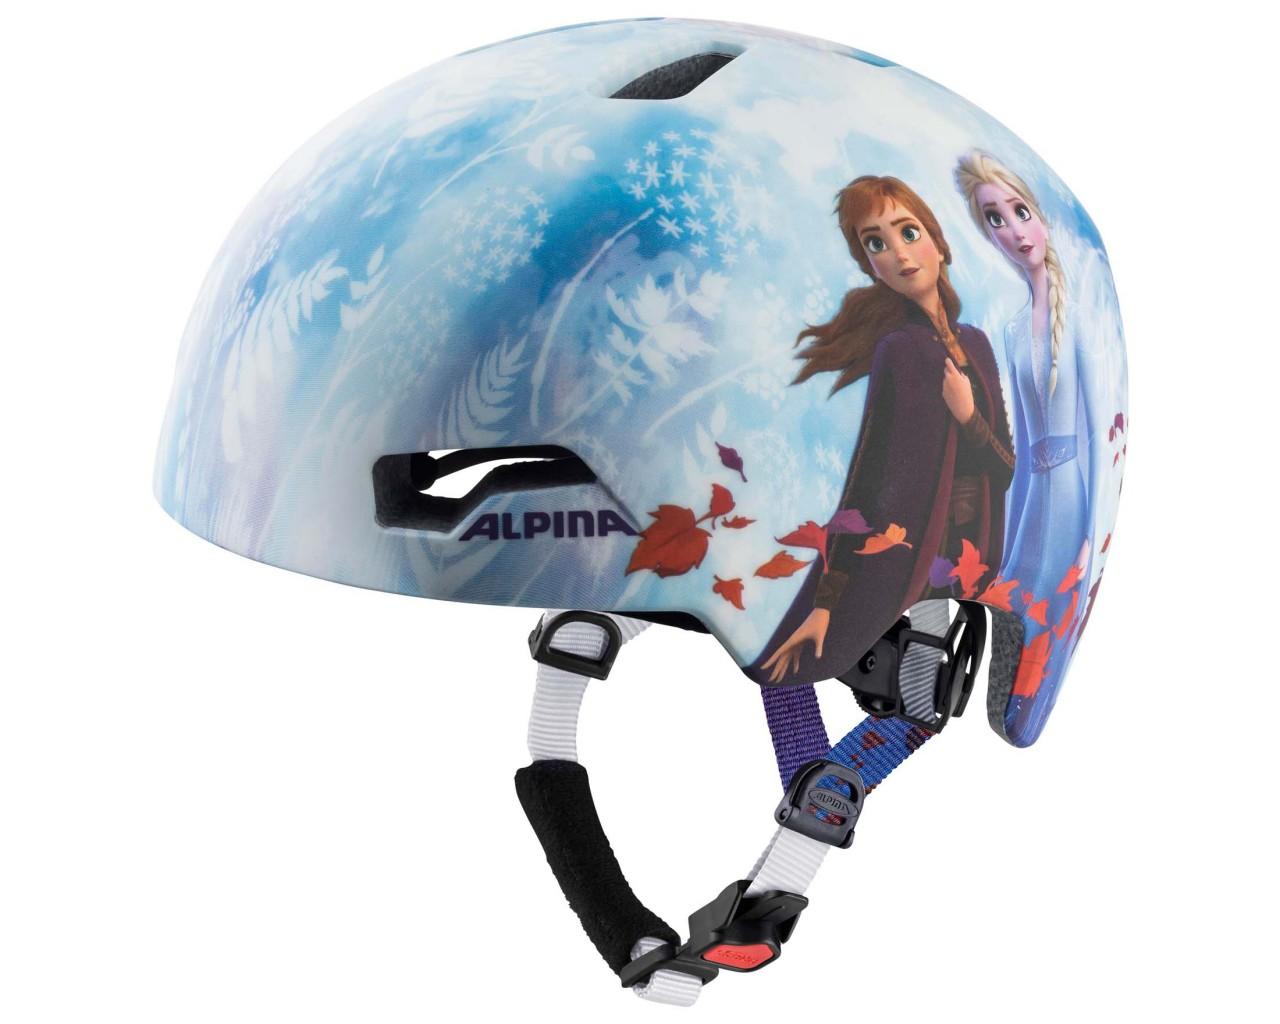 Alpina Hackney Kids Cycling Helmet | Disney Frozen II